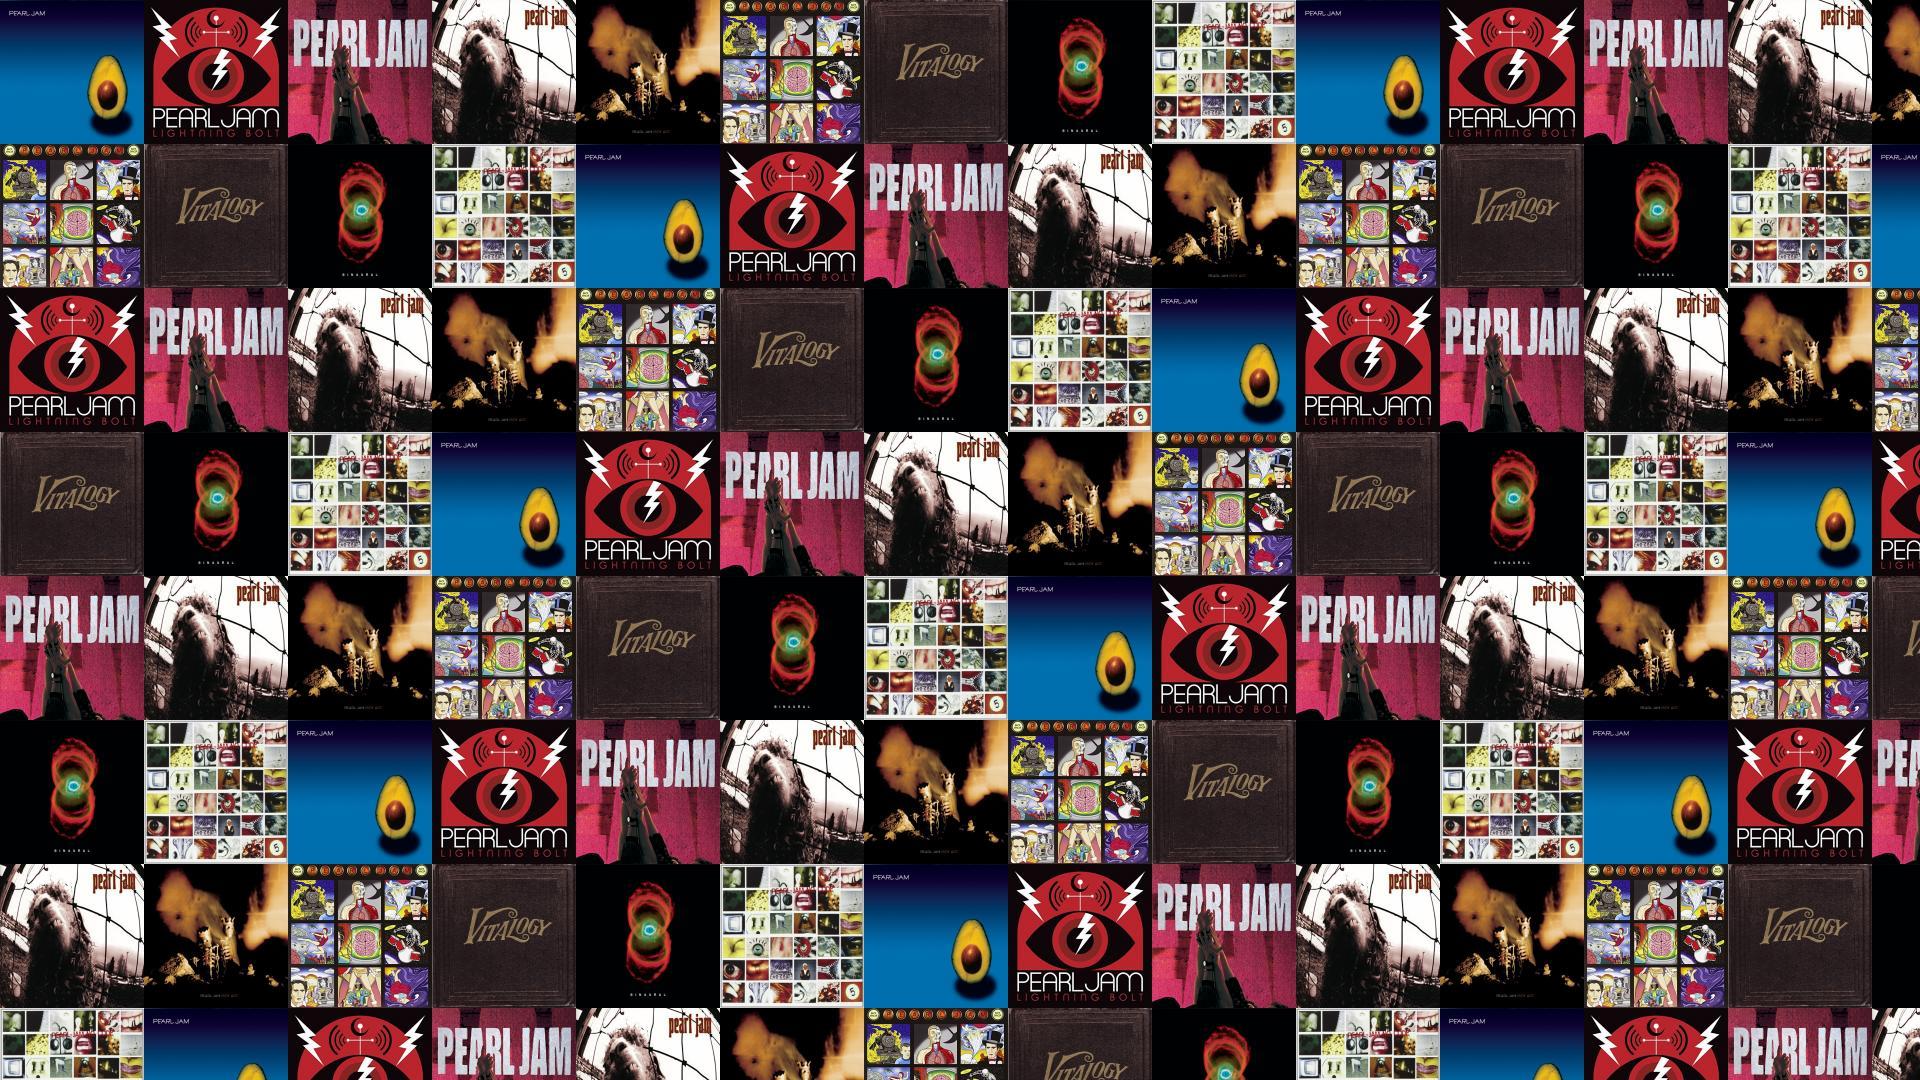 Pearl Jam Lightning Bolt Ten Vs Riot Wallpaper Tiled